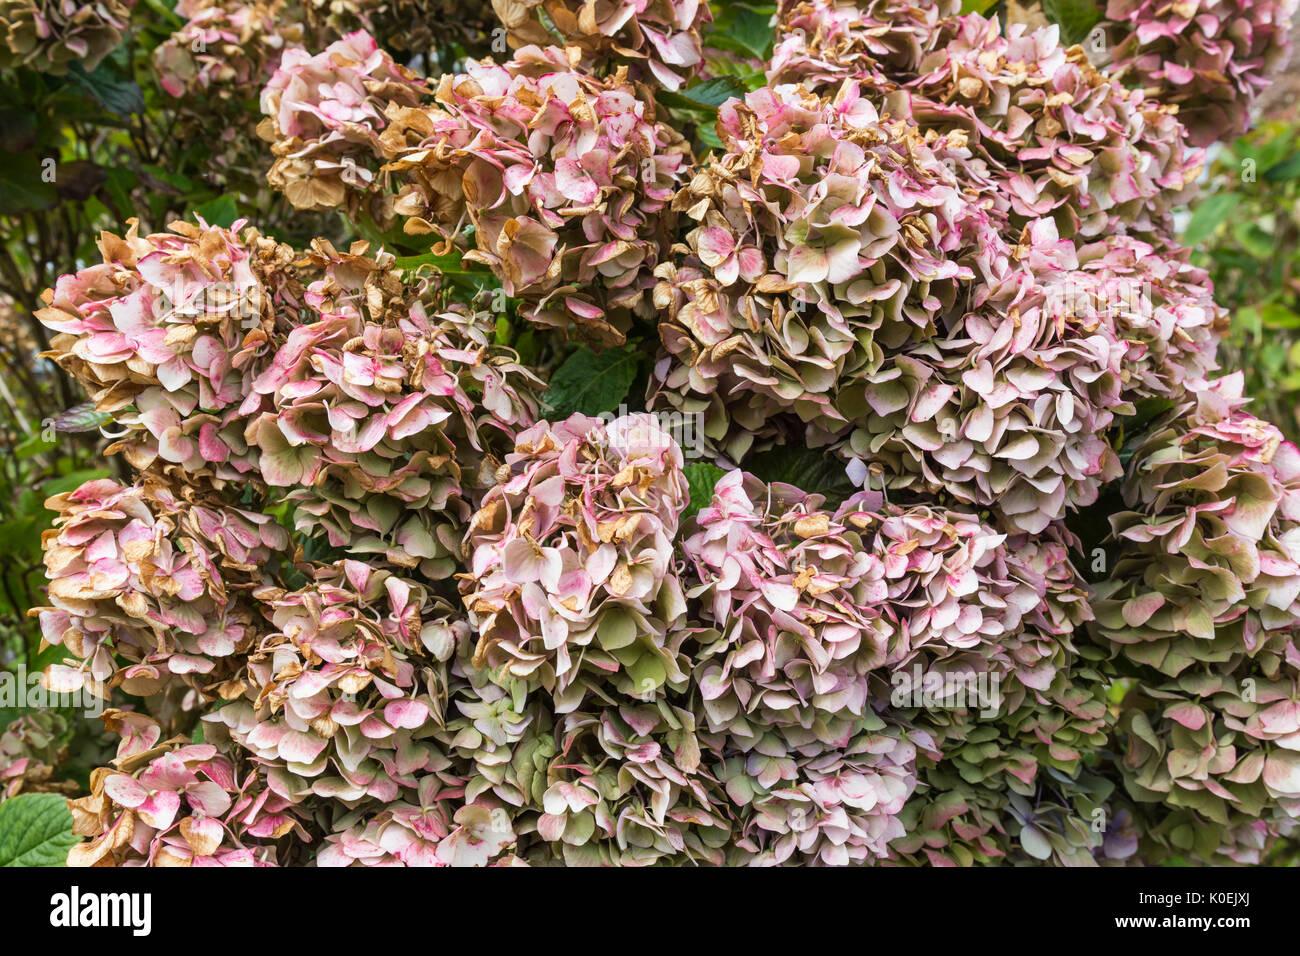 Dying Mophead hydrangeas (Hydrangea macrophylla) near the end of Summer in West Sussex, England, UK. Dead hydrangeas. - Stock Image